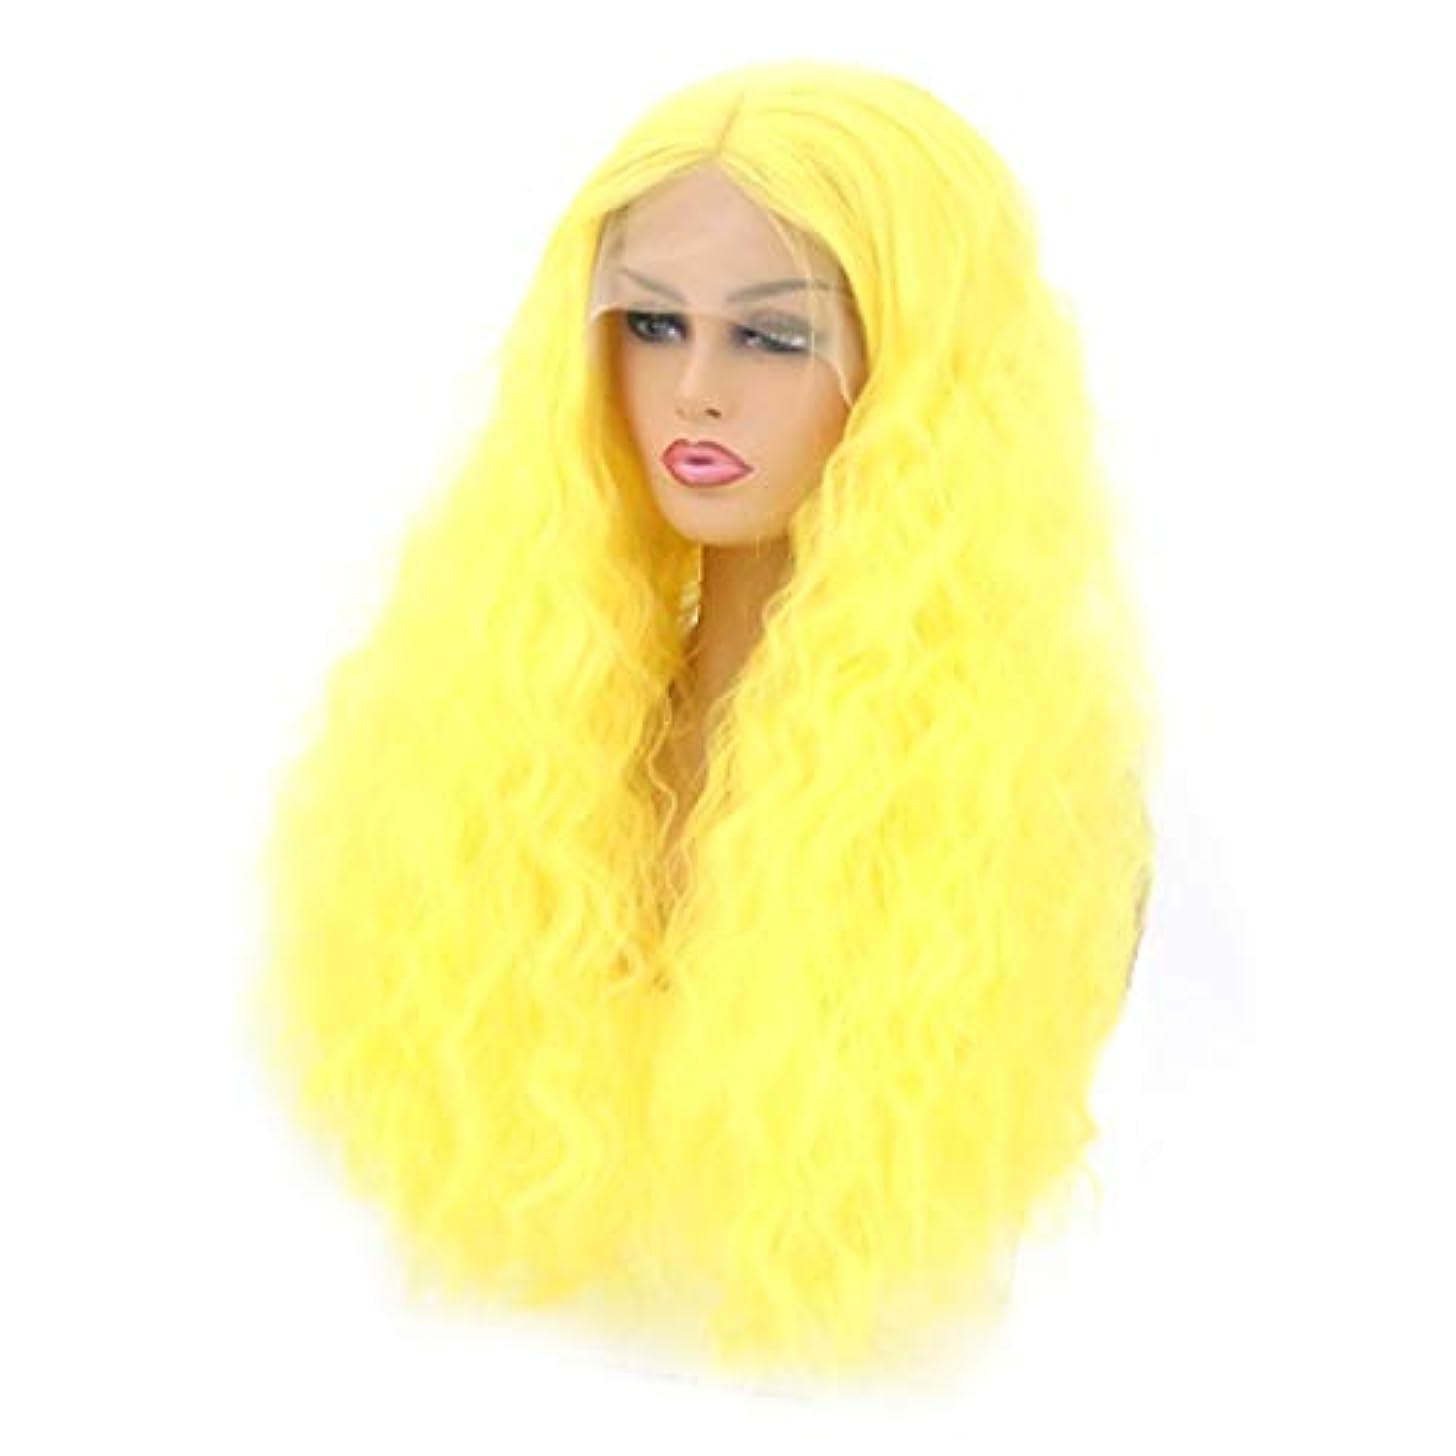 プレビスサイト未知のトロリーKerwinner 本物の髪として自然な女性のための長い巻き毛の波状のかつら合成のカラフルなコスプレデイリーパーティーウィッグ (Size : 18 inches)